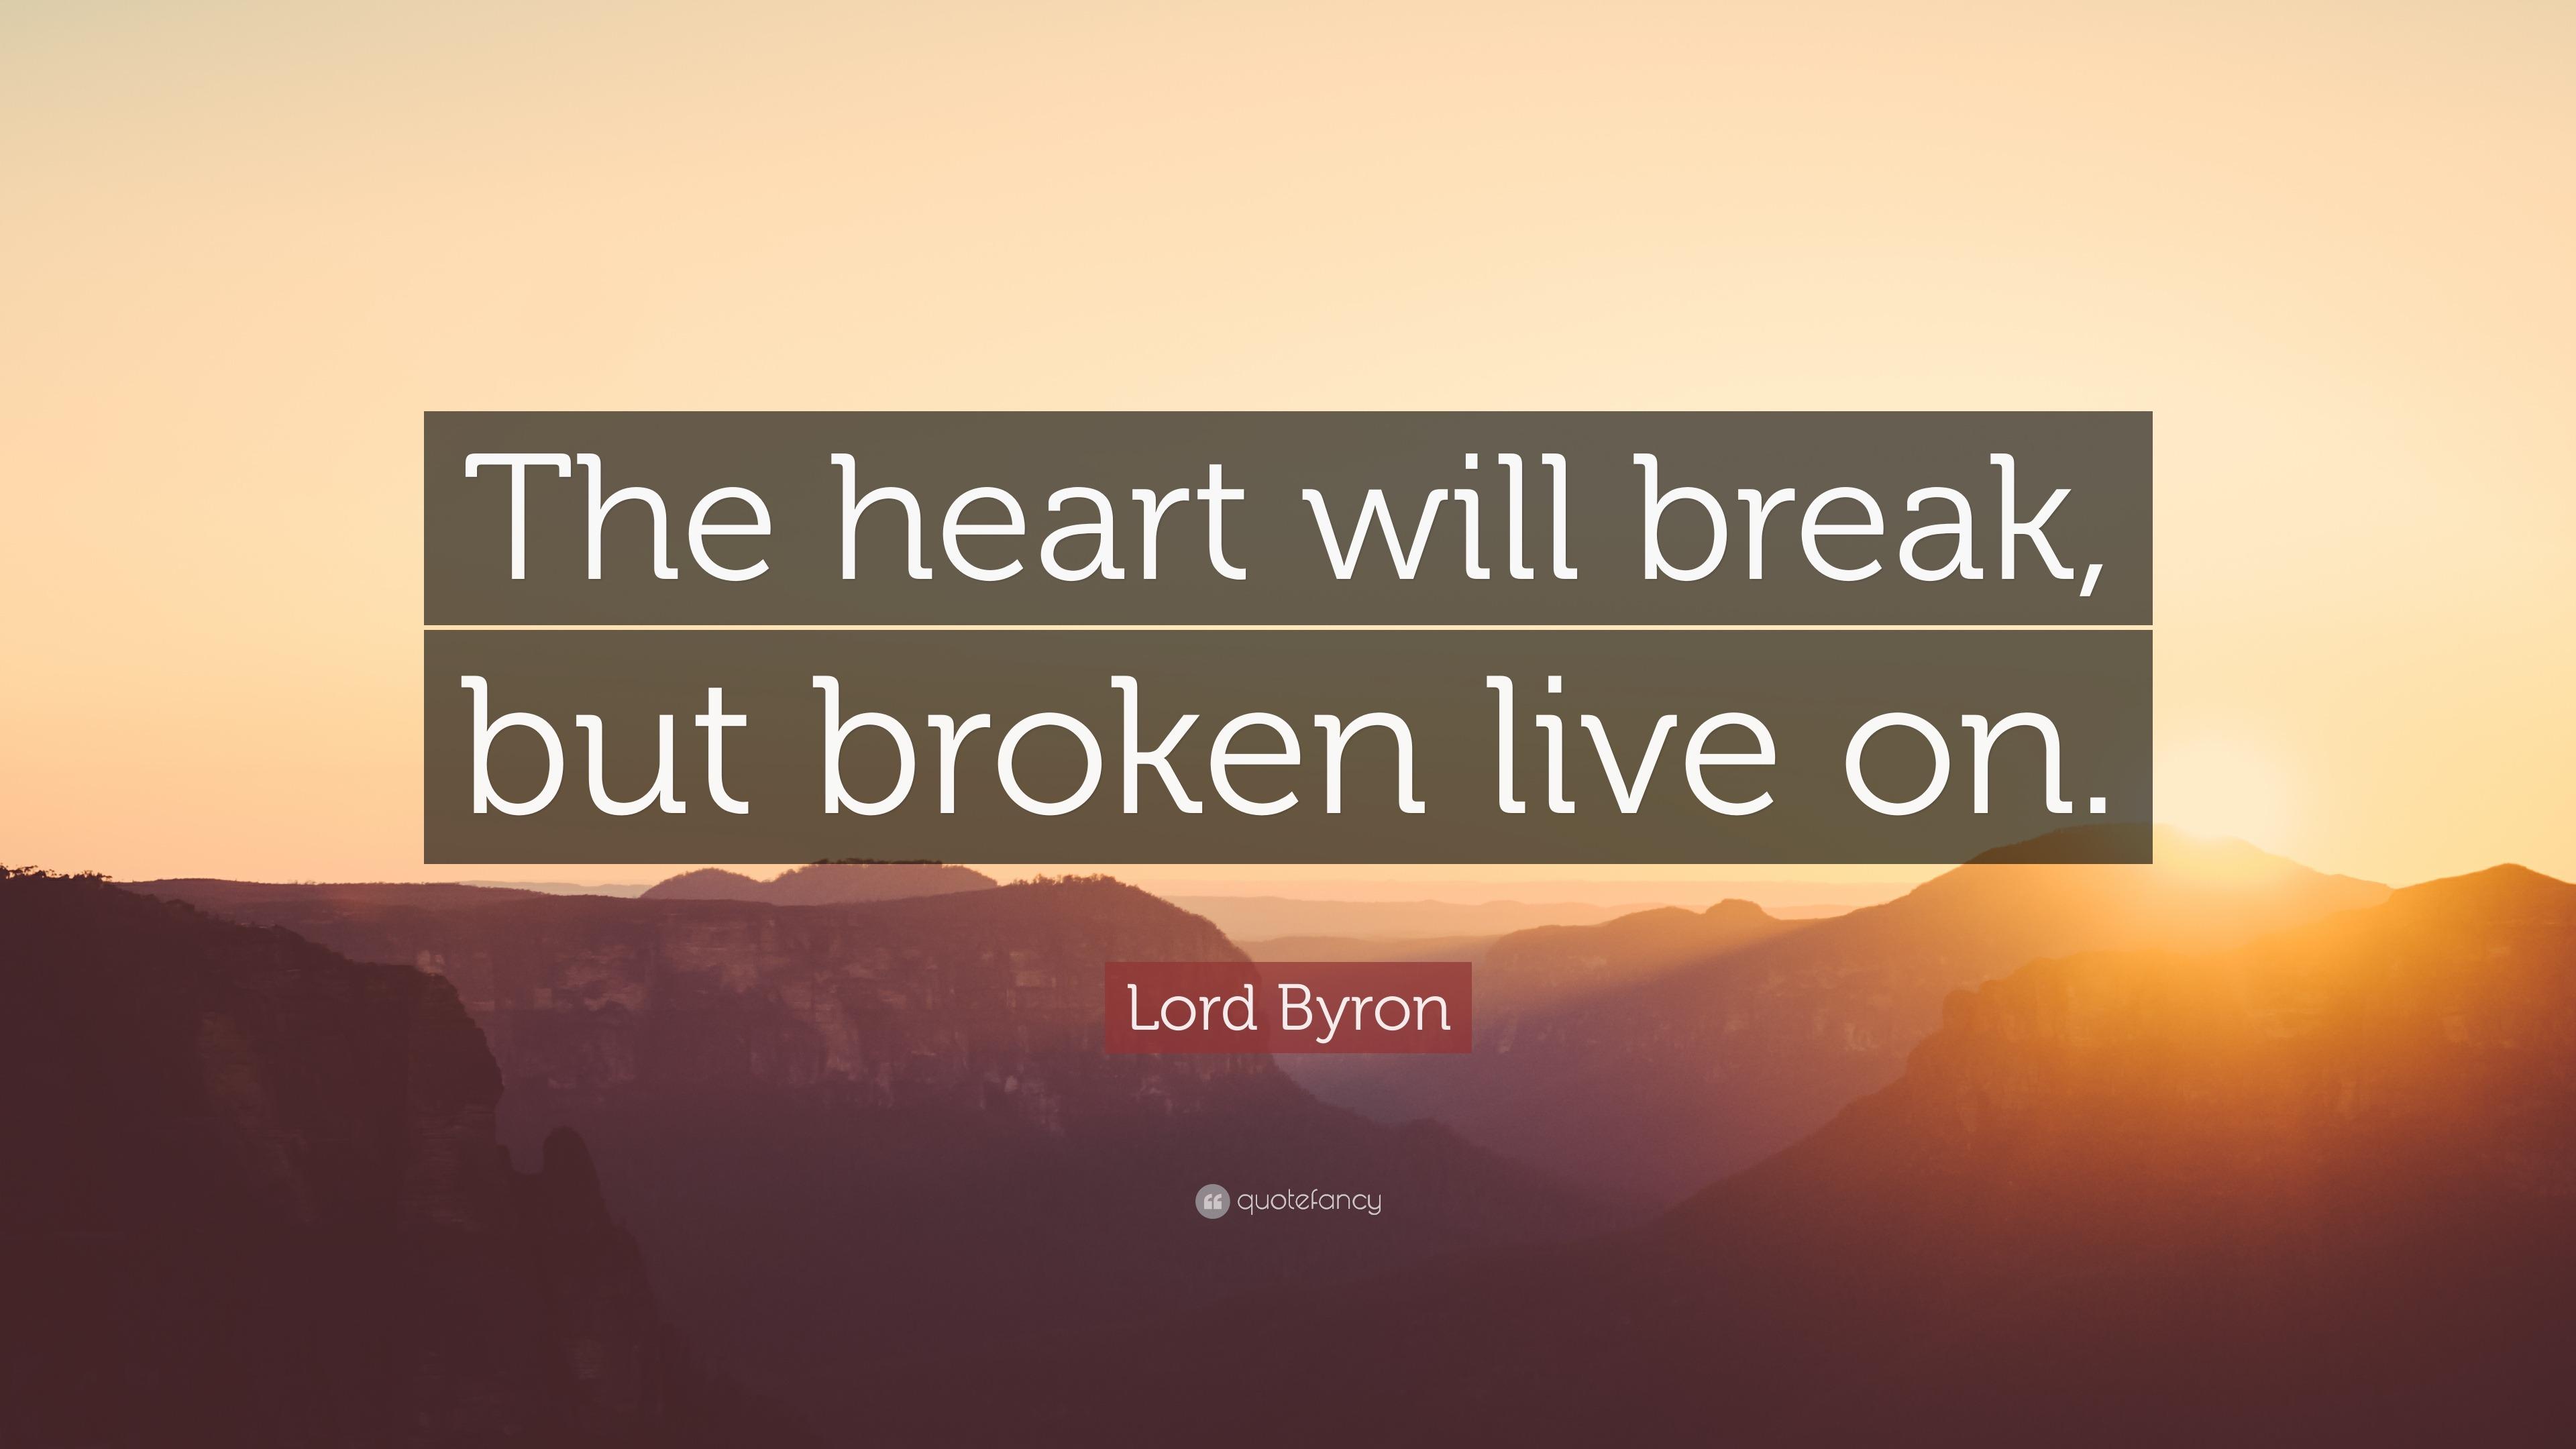 Quotes For A Broken Heart Broken Heart Quotes 40 Wallpapers  Quotefancy